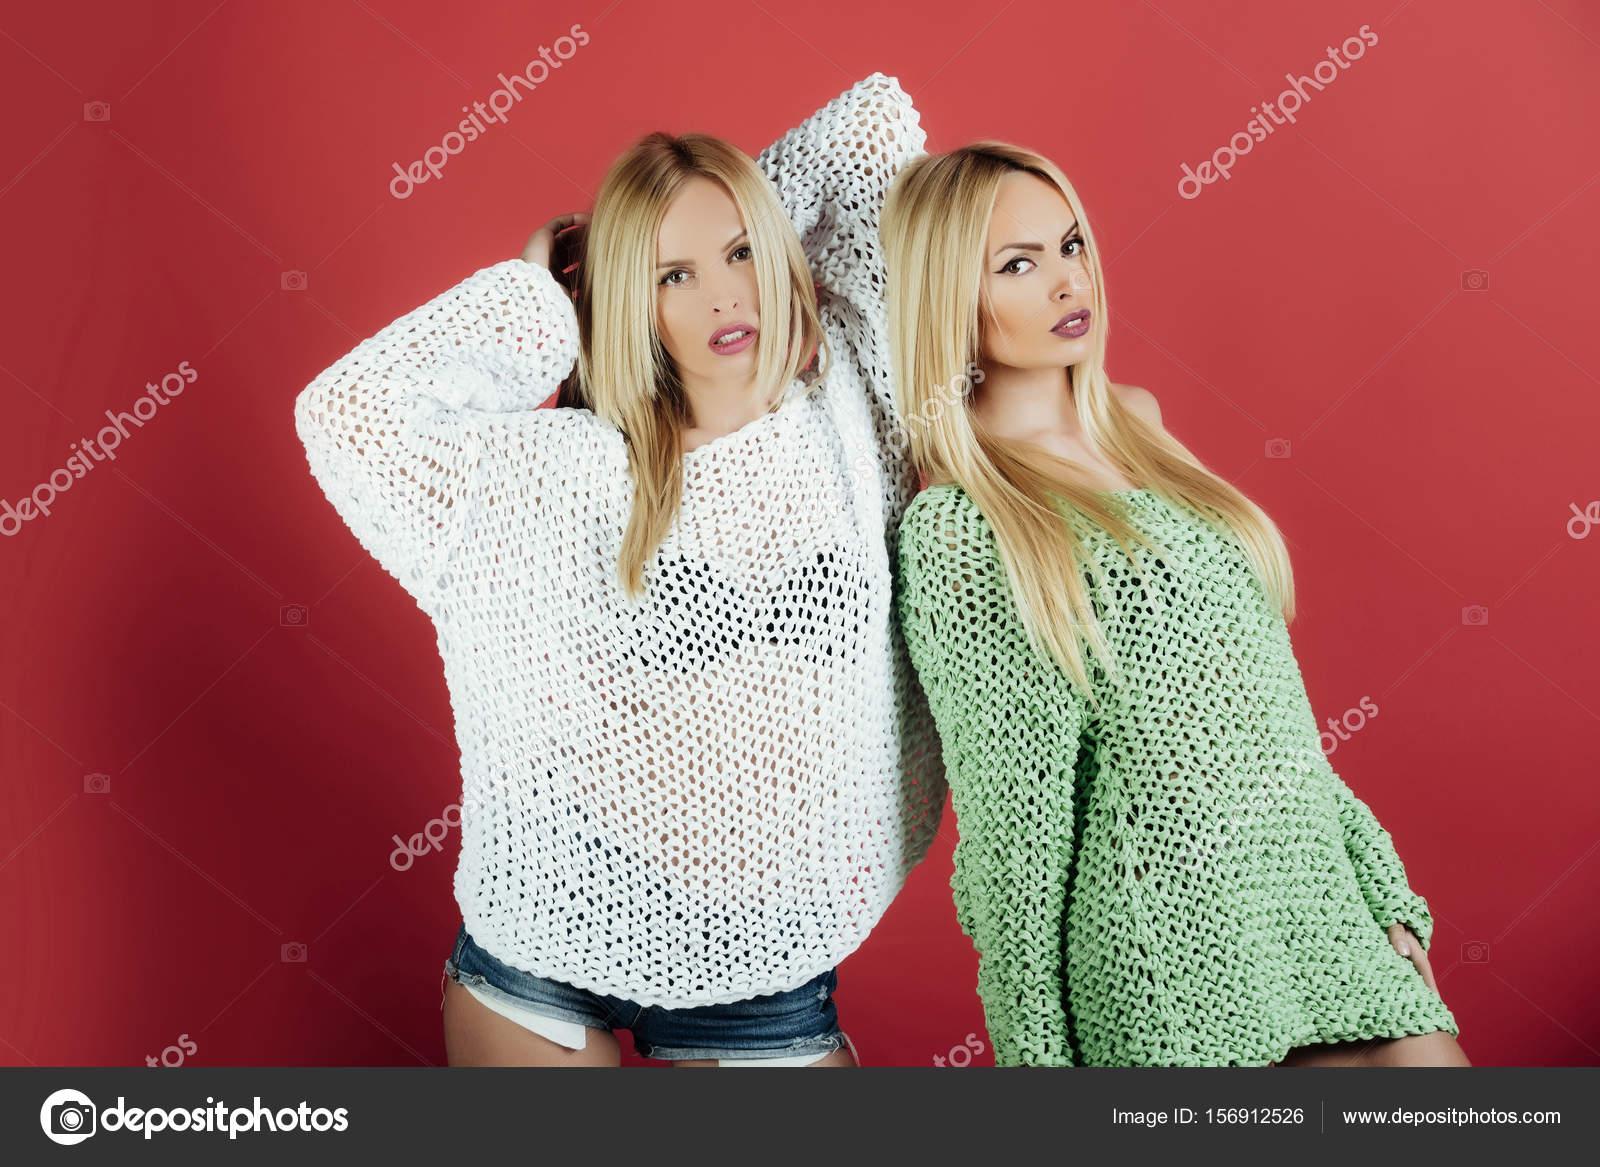 Сексуальные партнеры женщины близнеца